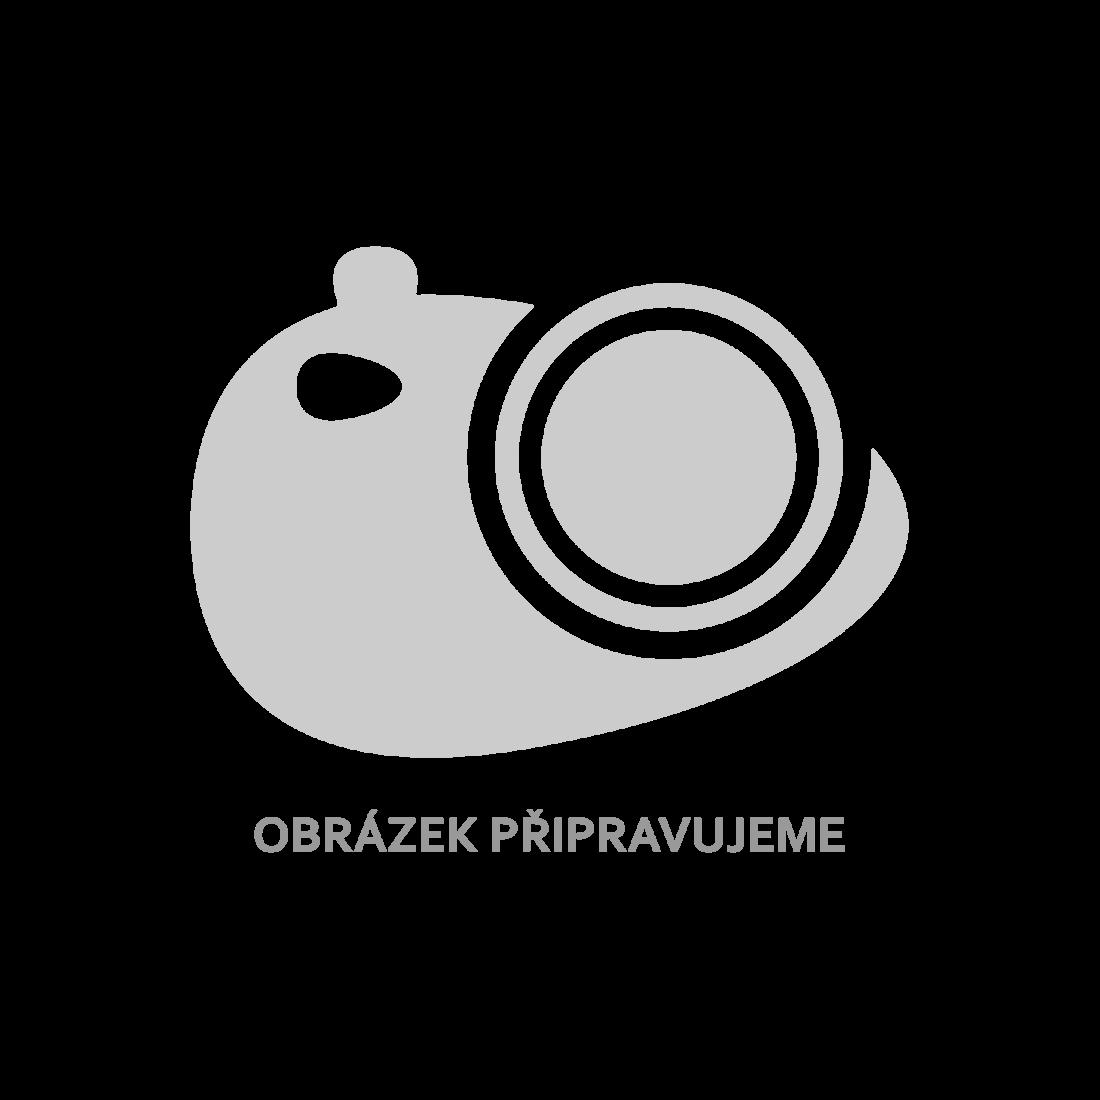 Hnědé terasové dlaždice WPC 11 ks, 30x30 cm, 1 m2